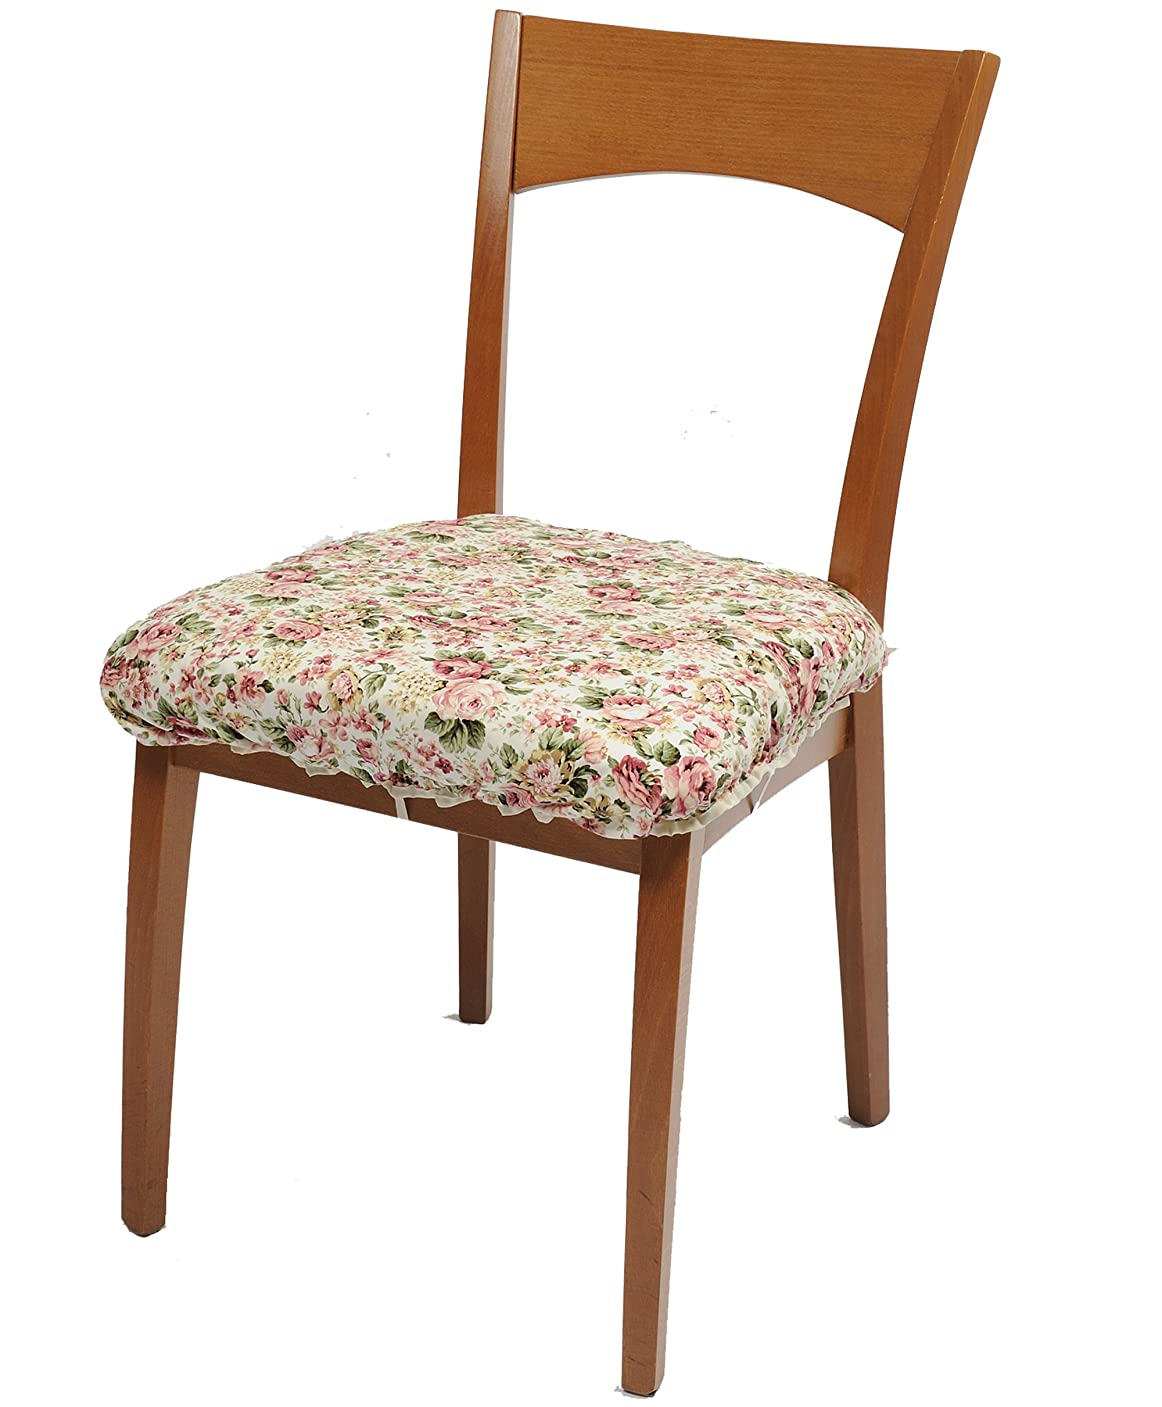 依存保育園ライセンス日本製 おしゃれな 椅子カバー 座面 用 ローズガーデン柄 4枚組